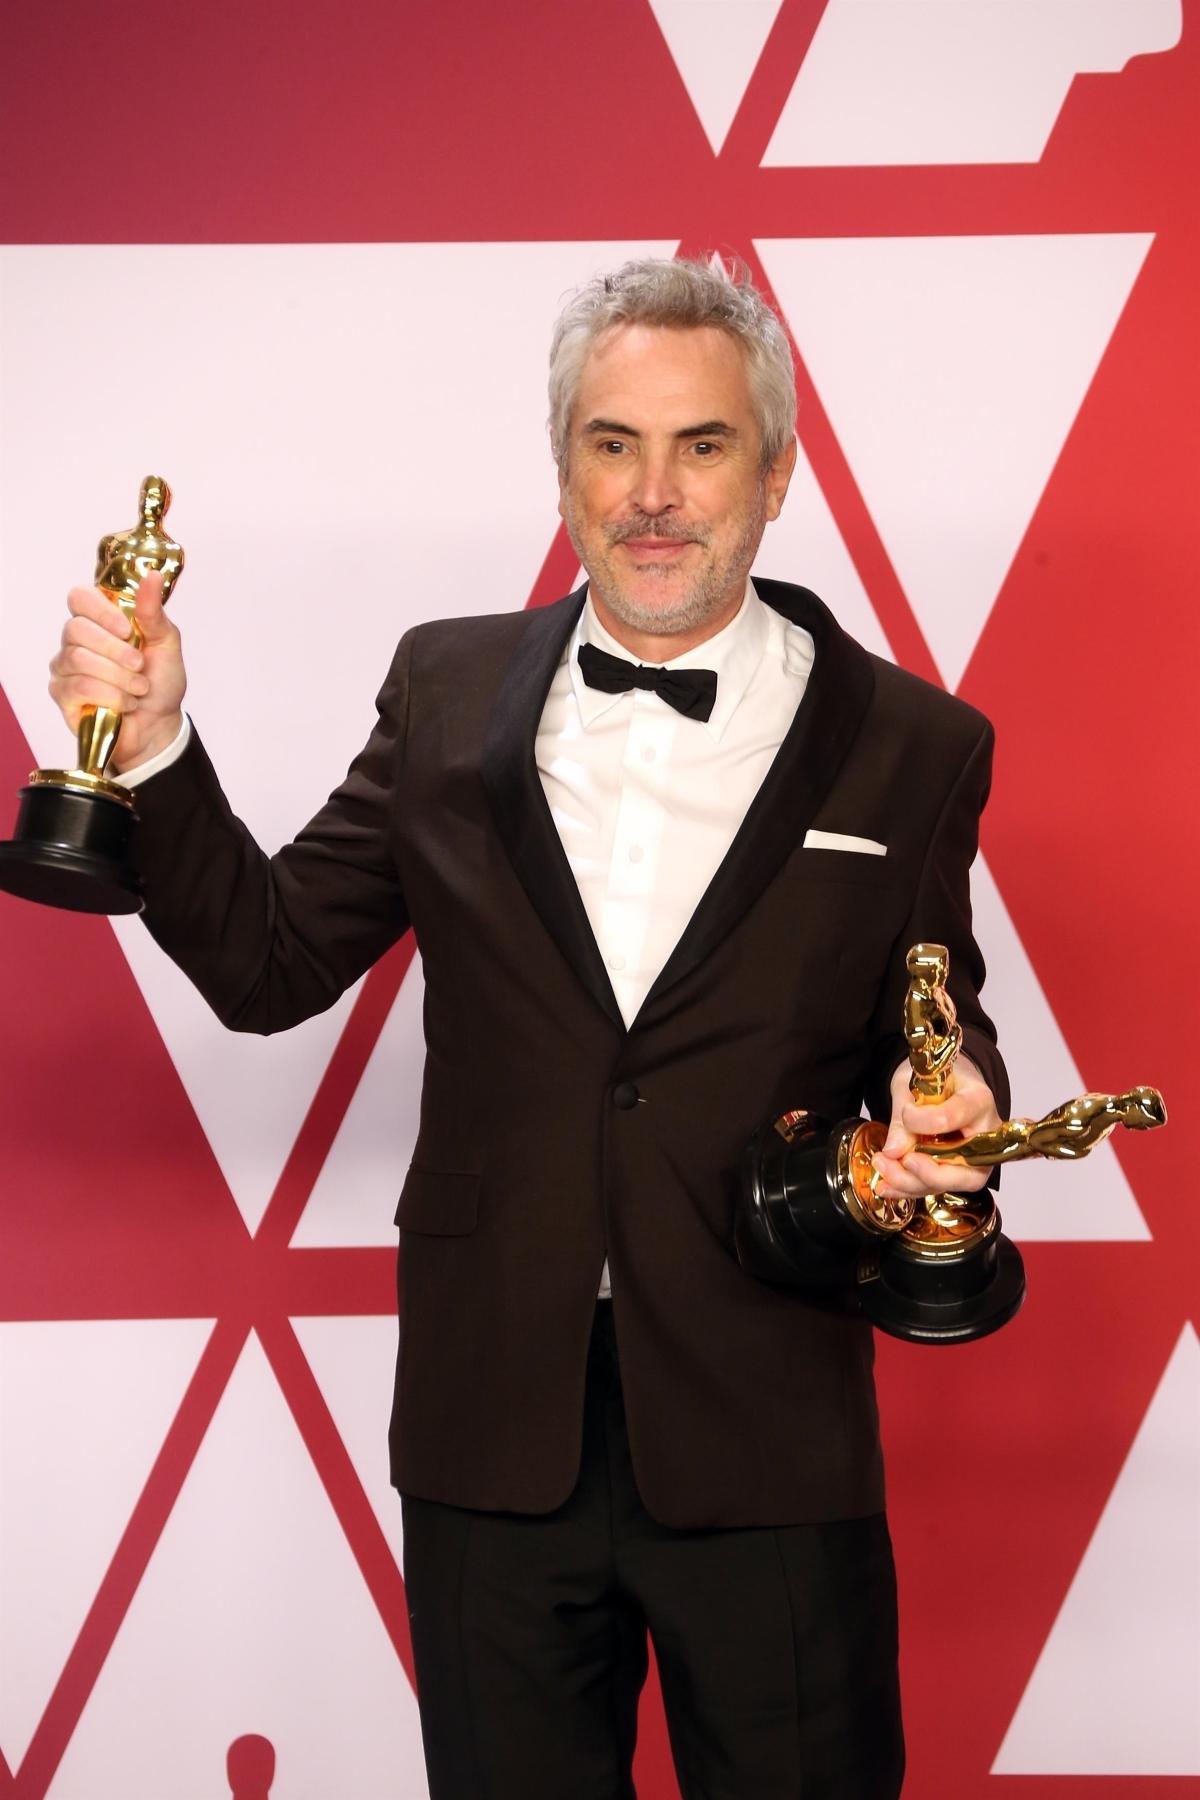 Ο Alfonso Cuaron, μεγάλος νικητής της βραδιάς - The Abaca Press